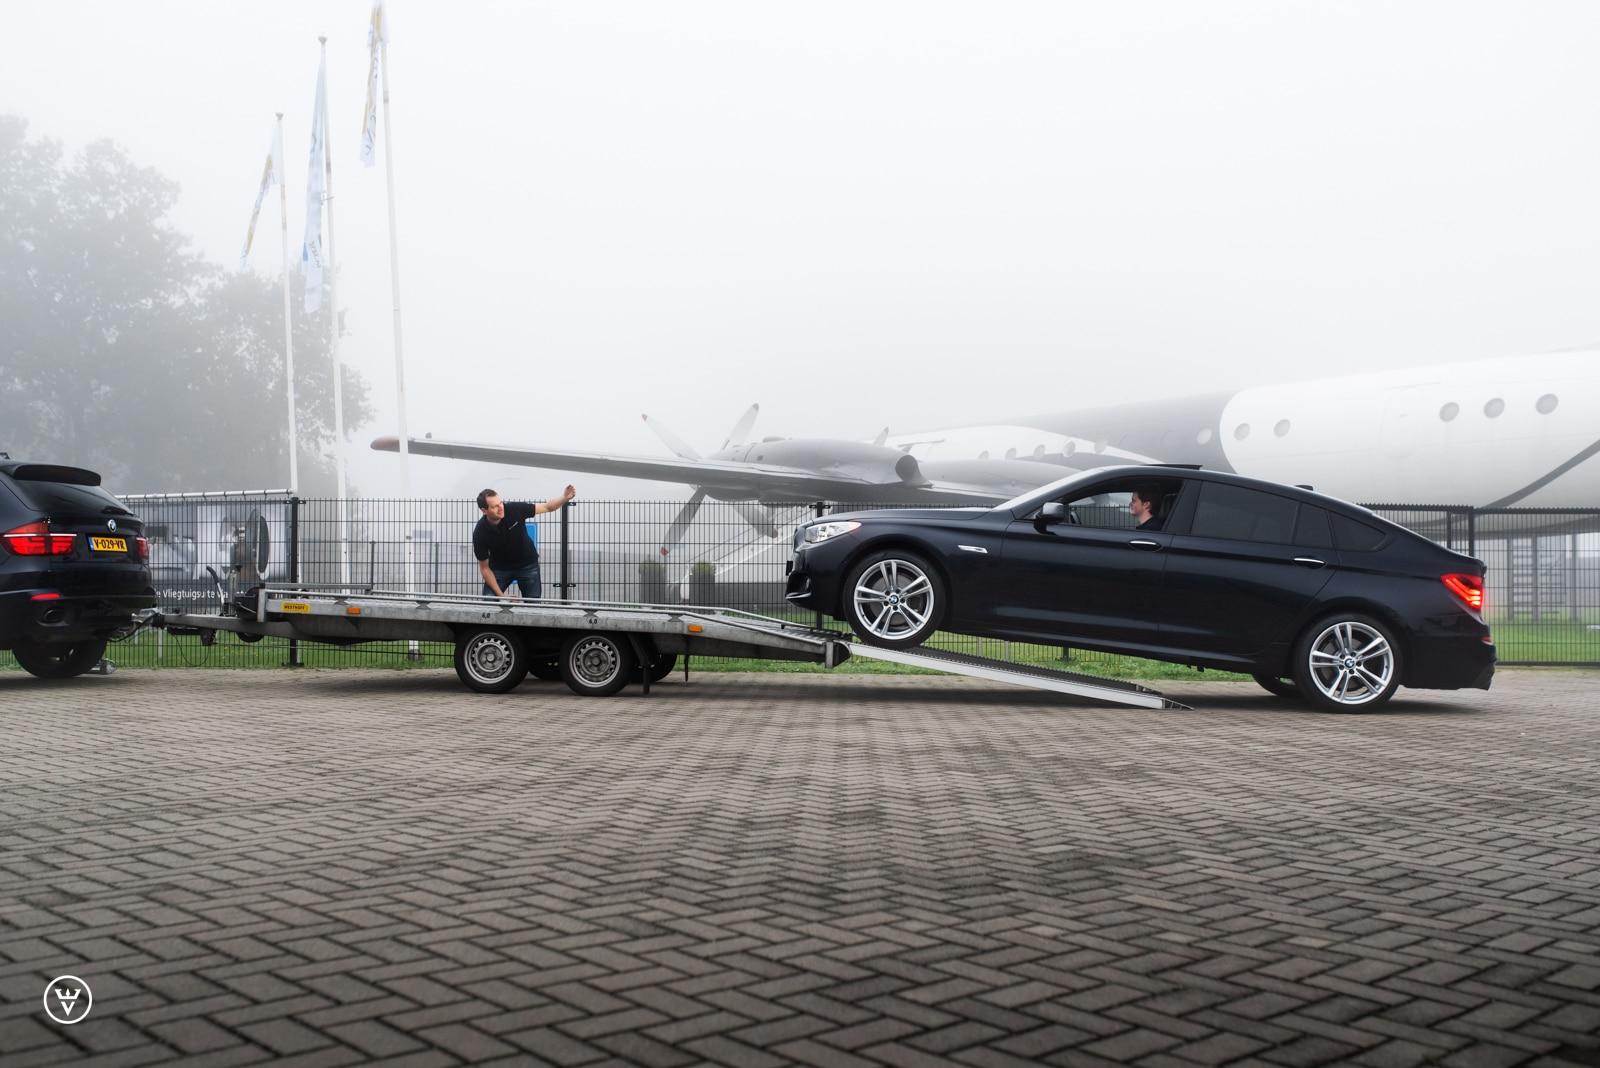 Auto's binnenkort verwacht bij AUTO van Eerde